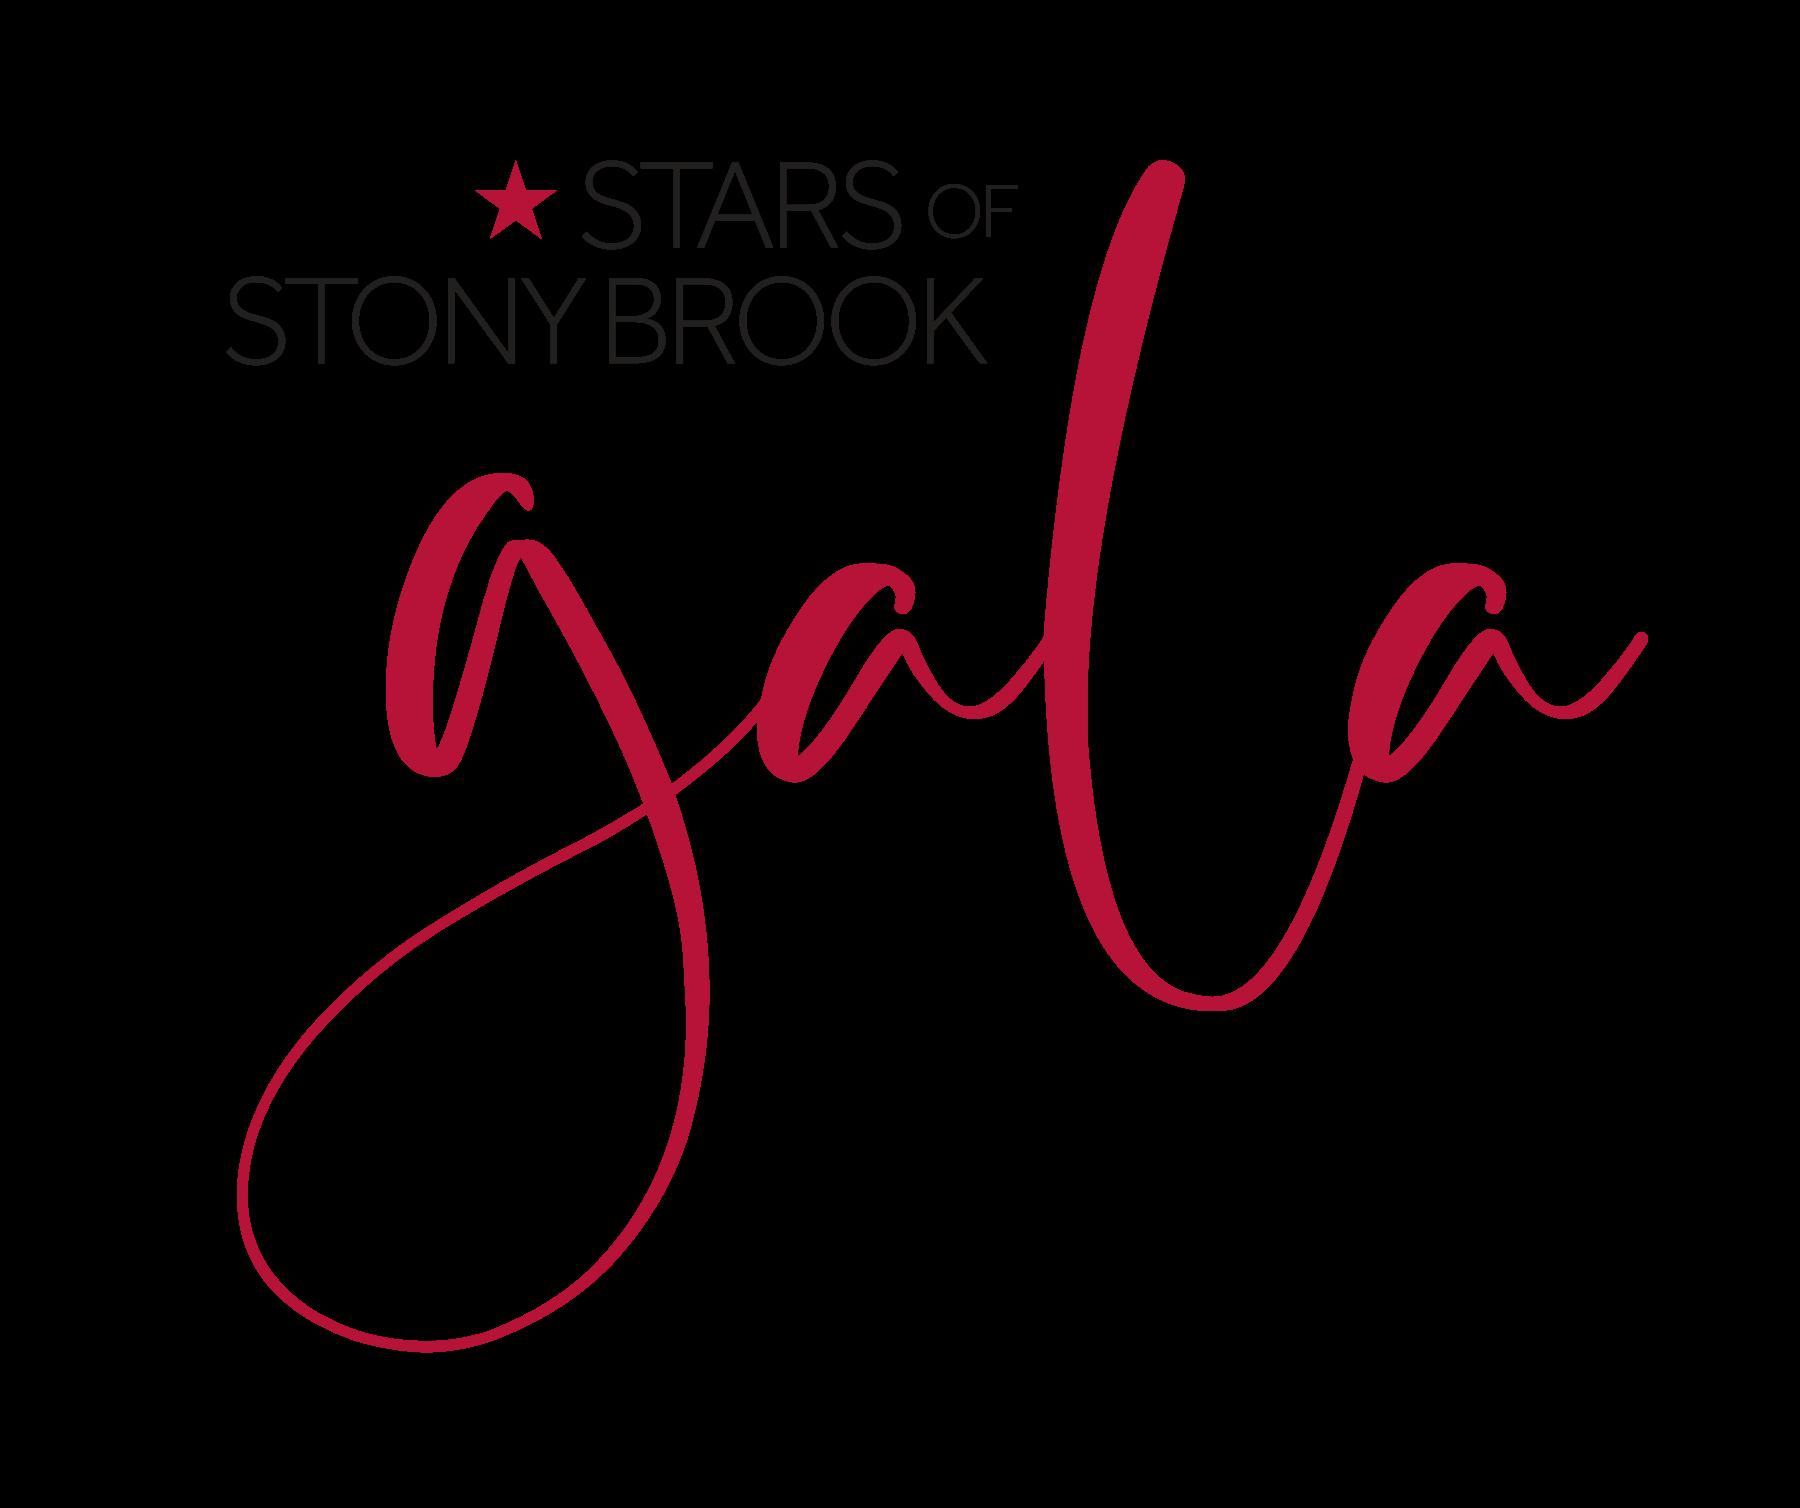 Stars of Stony Brook Gala 2021